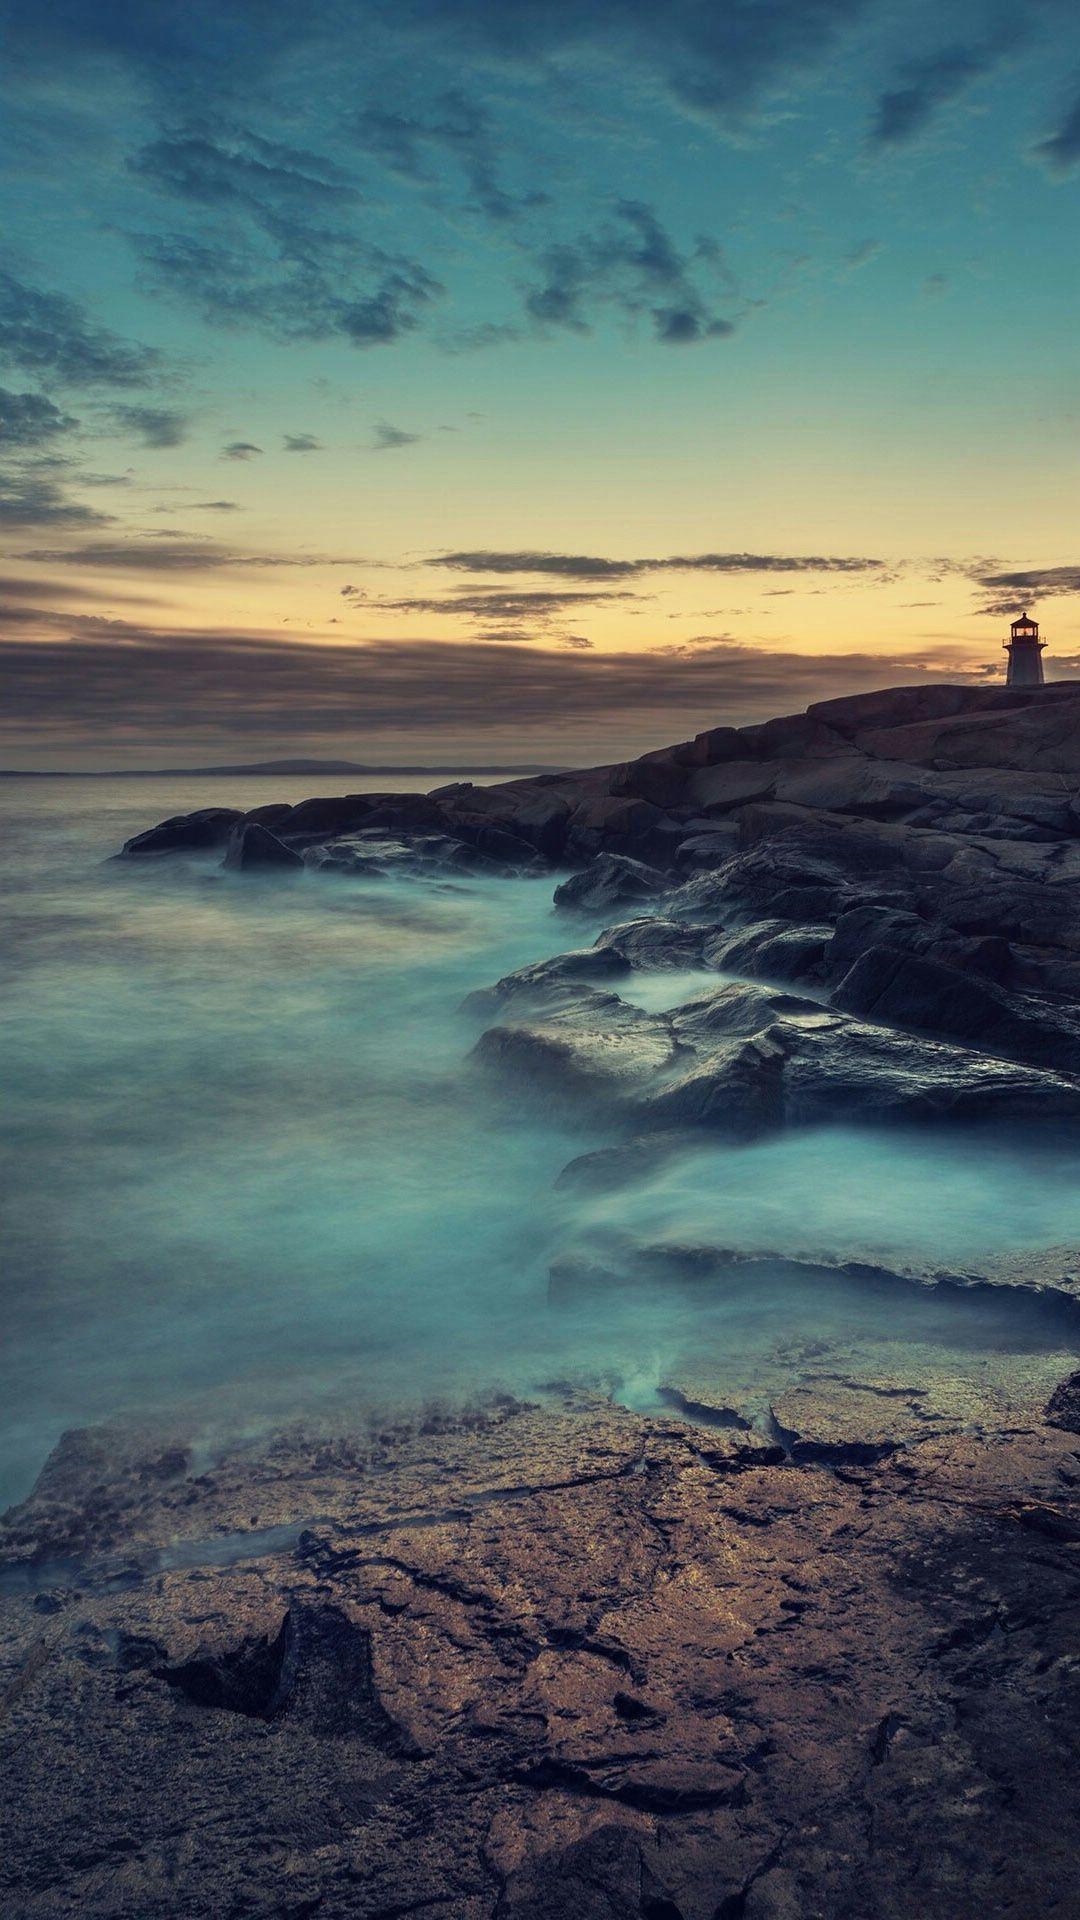 Rocky Ocean Shore Lighthouse Sunset Iphone 6 Hd Wallpaper Iphone Wallpaper Landscape Hd Nature Wallpapers Cute Home Screen Wallpaper